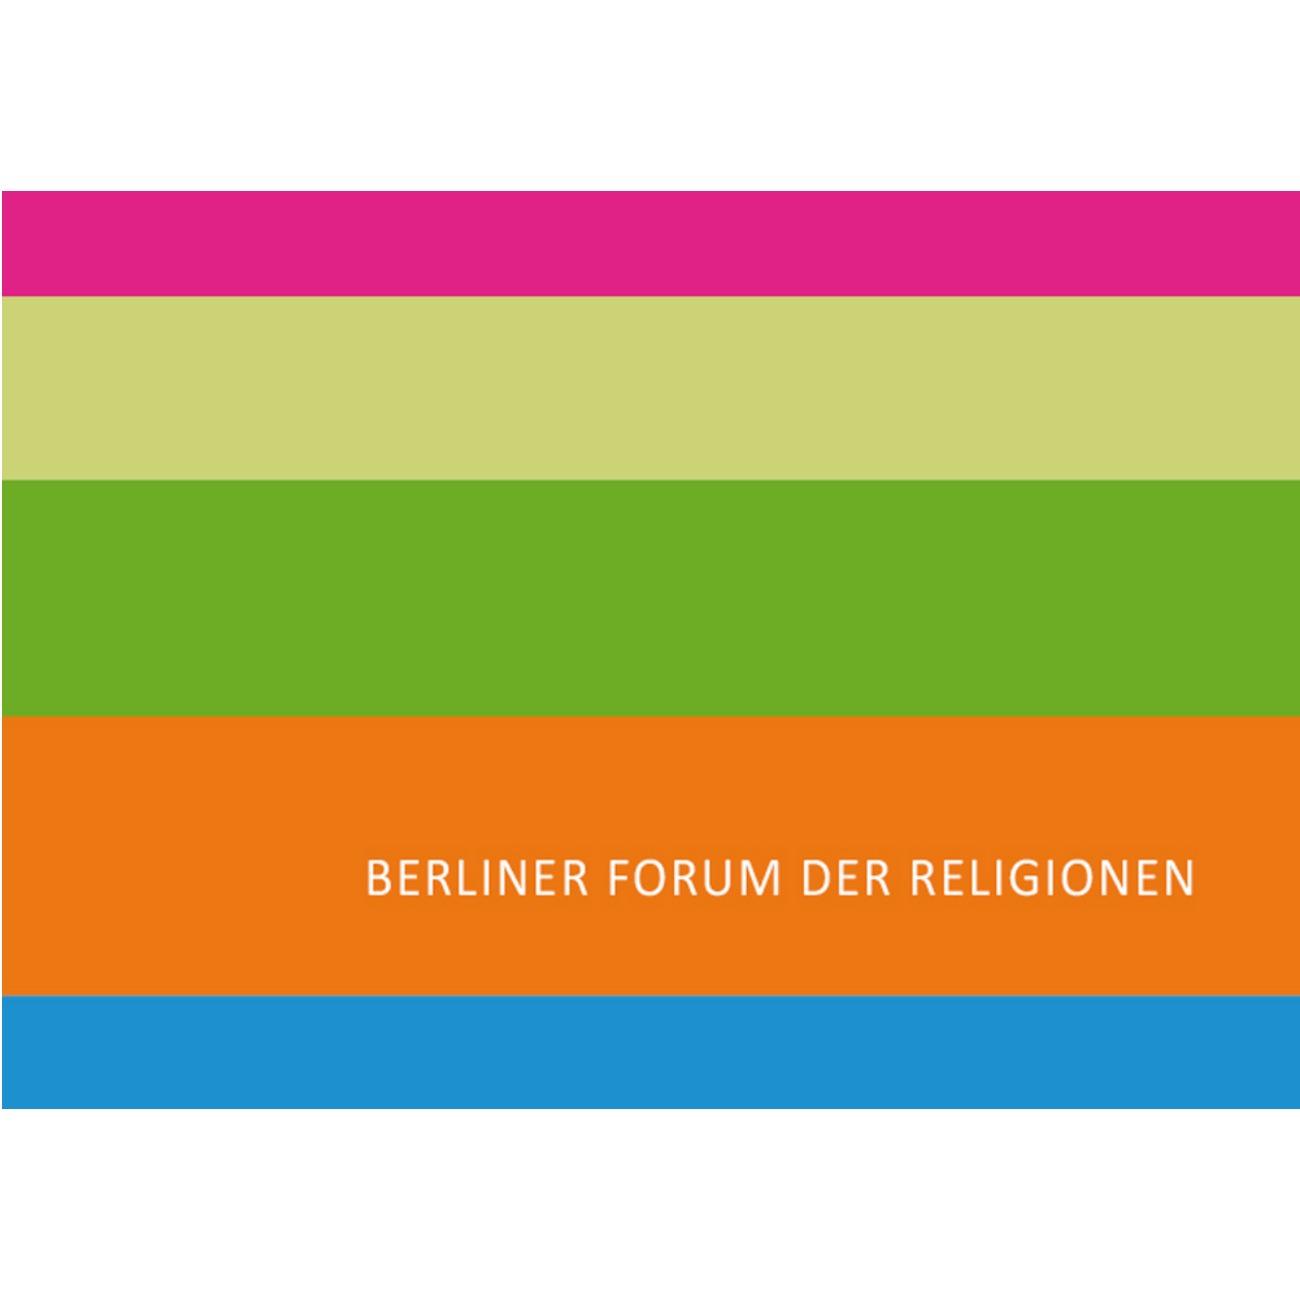 berliner forum der religionen logo